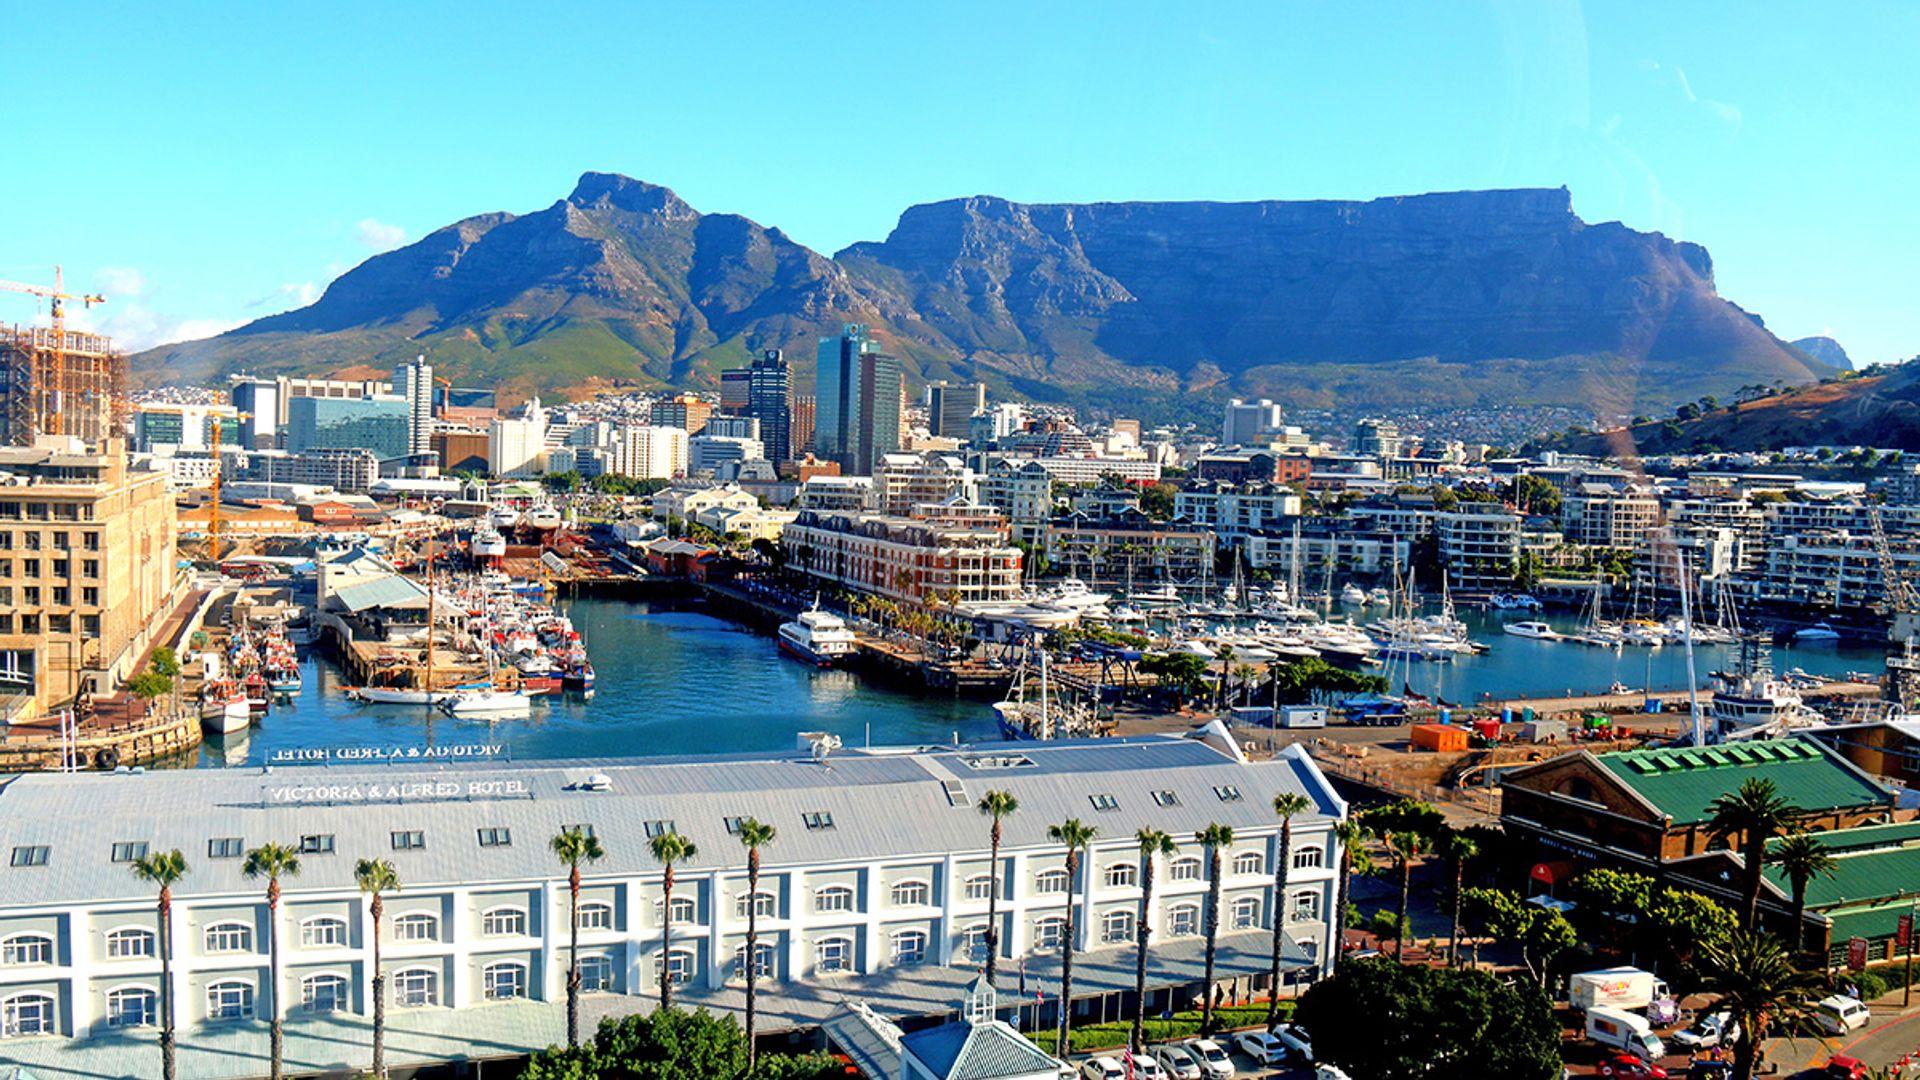 Circuit de grup - Discover Africa de Sud & Cascada Victoria, 13 zile - ianuarie 2022